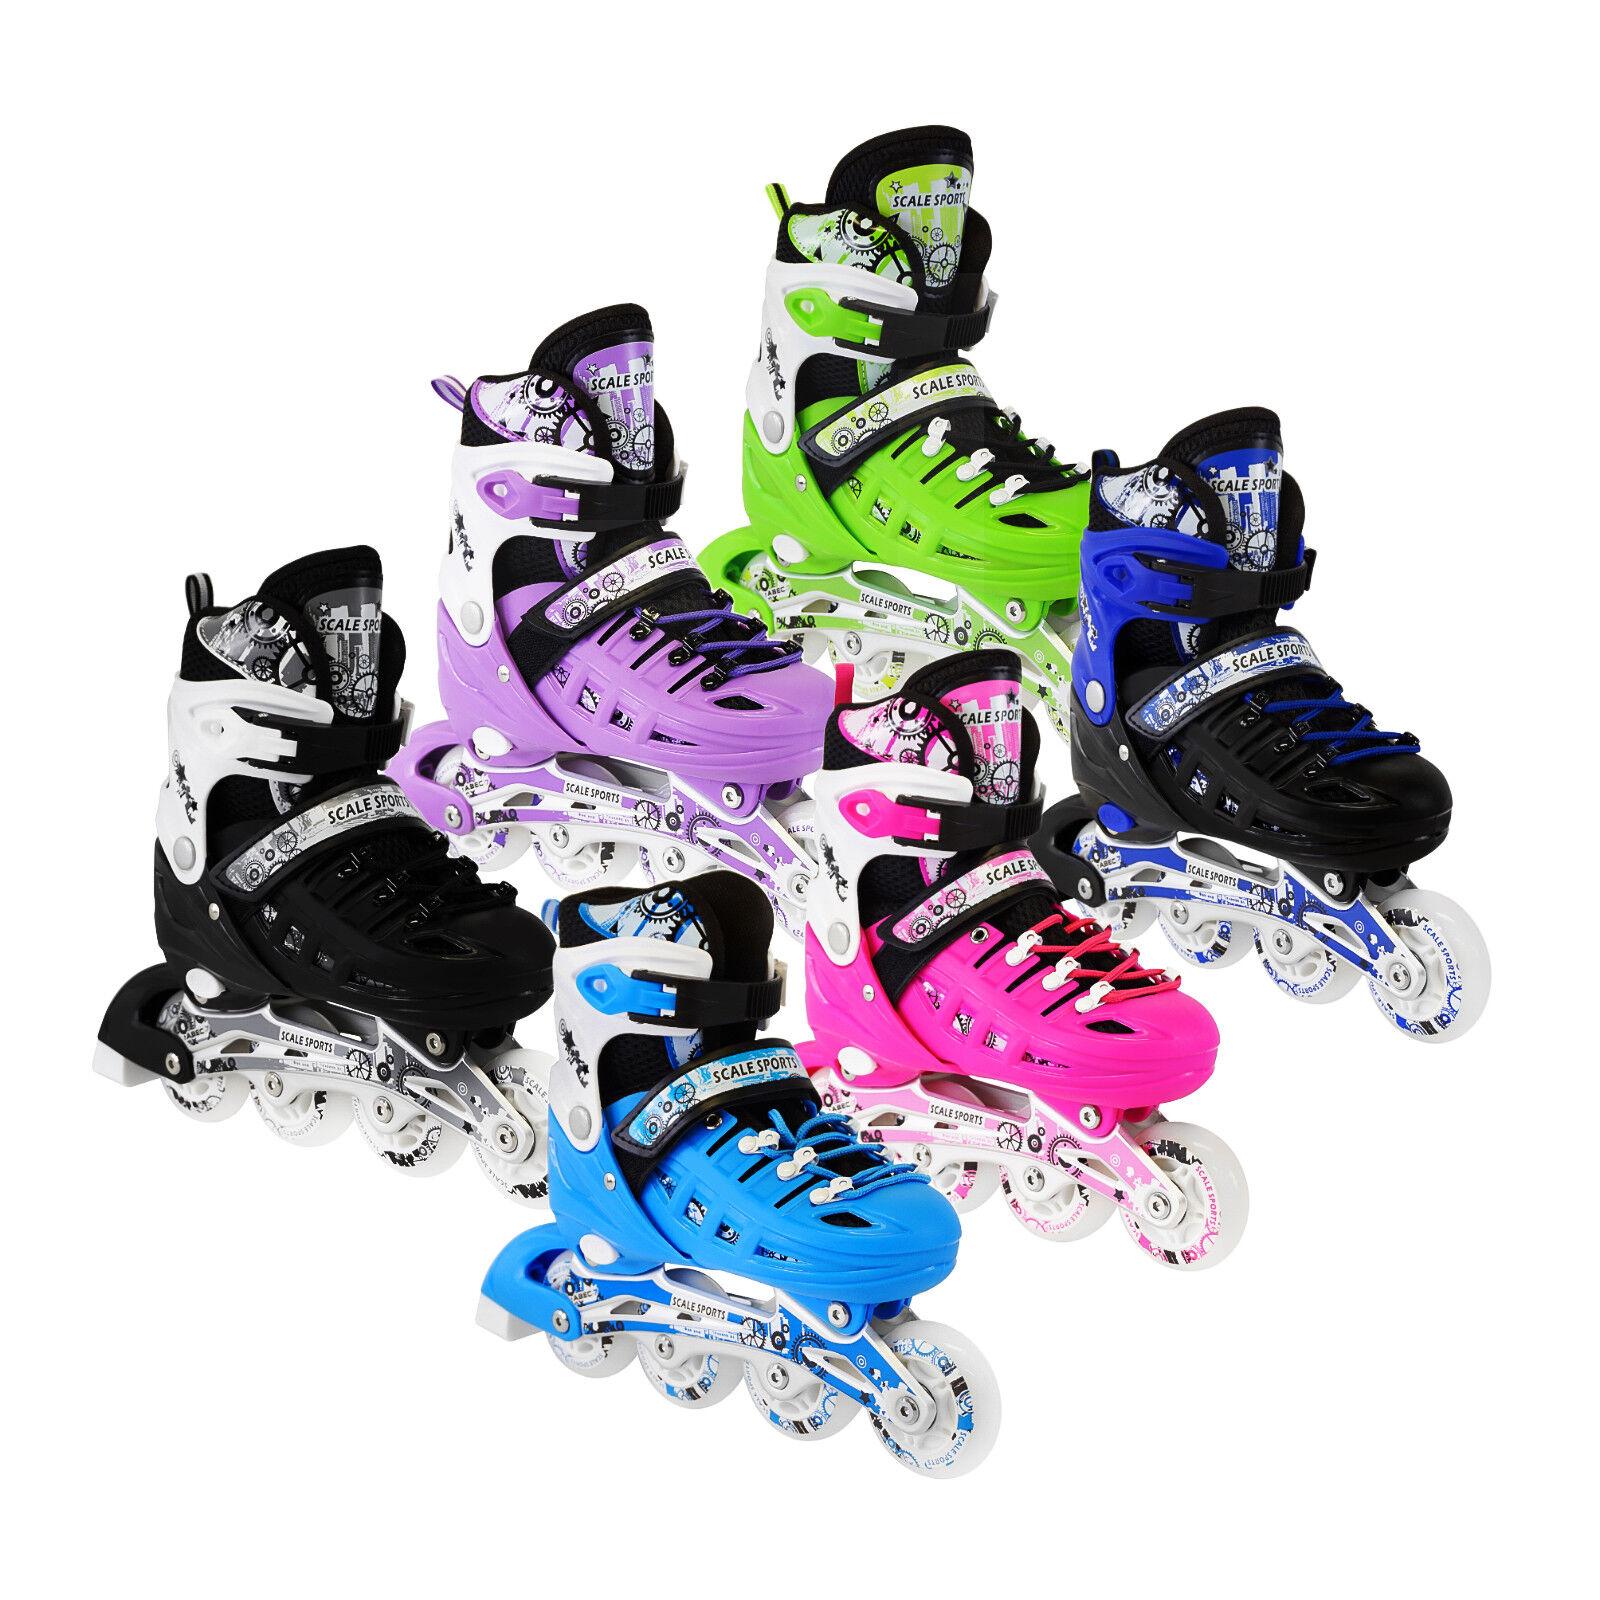 61dc7f97132ab LED Roller Blades Kids Adjustable Inline Speed Skates Girls Size 4-6 US  Pink for sale online